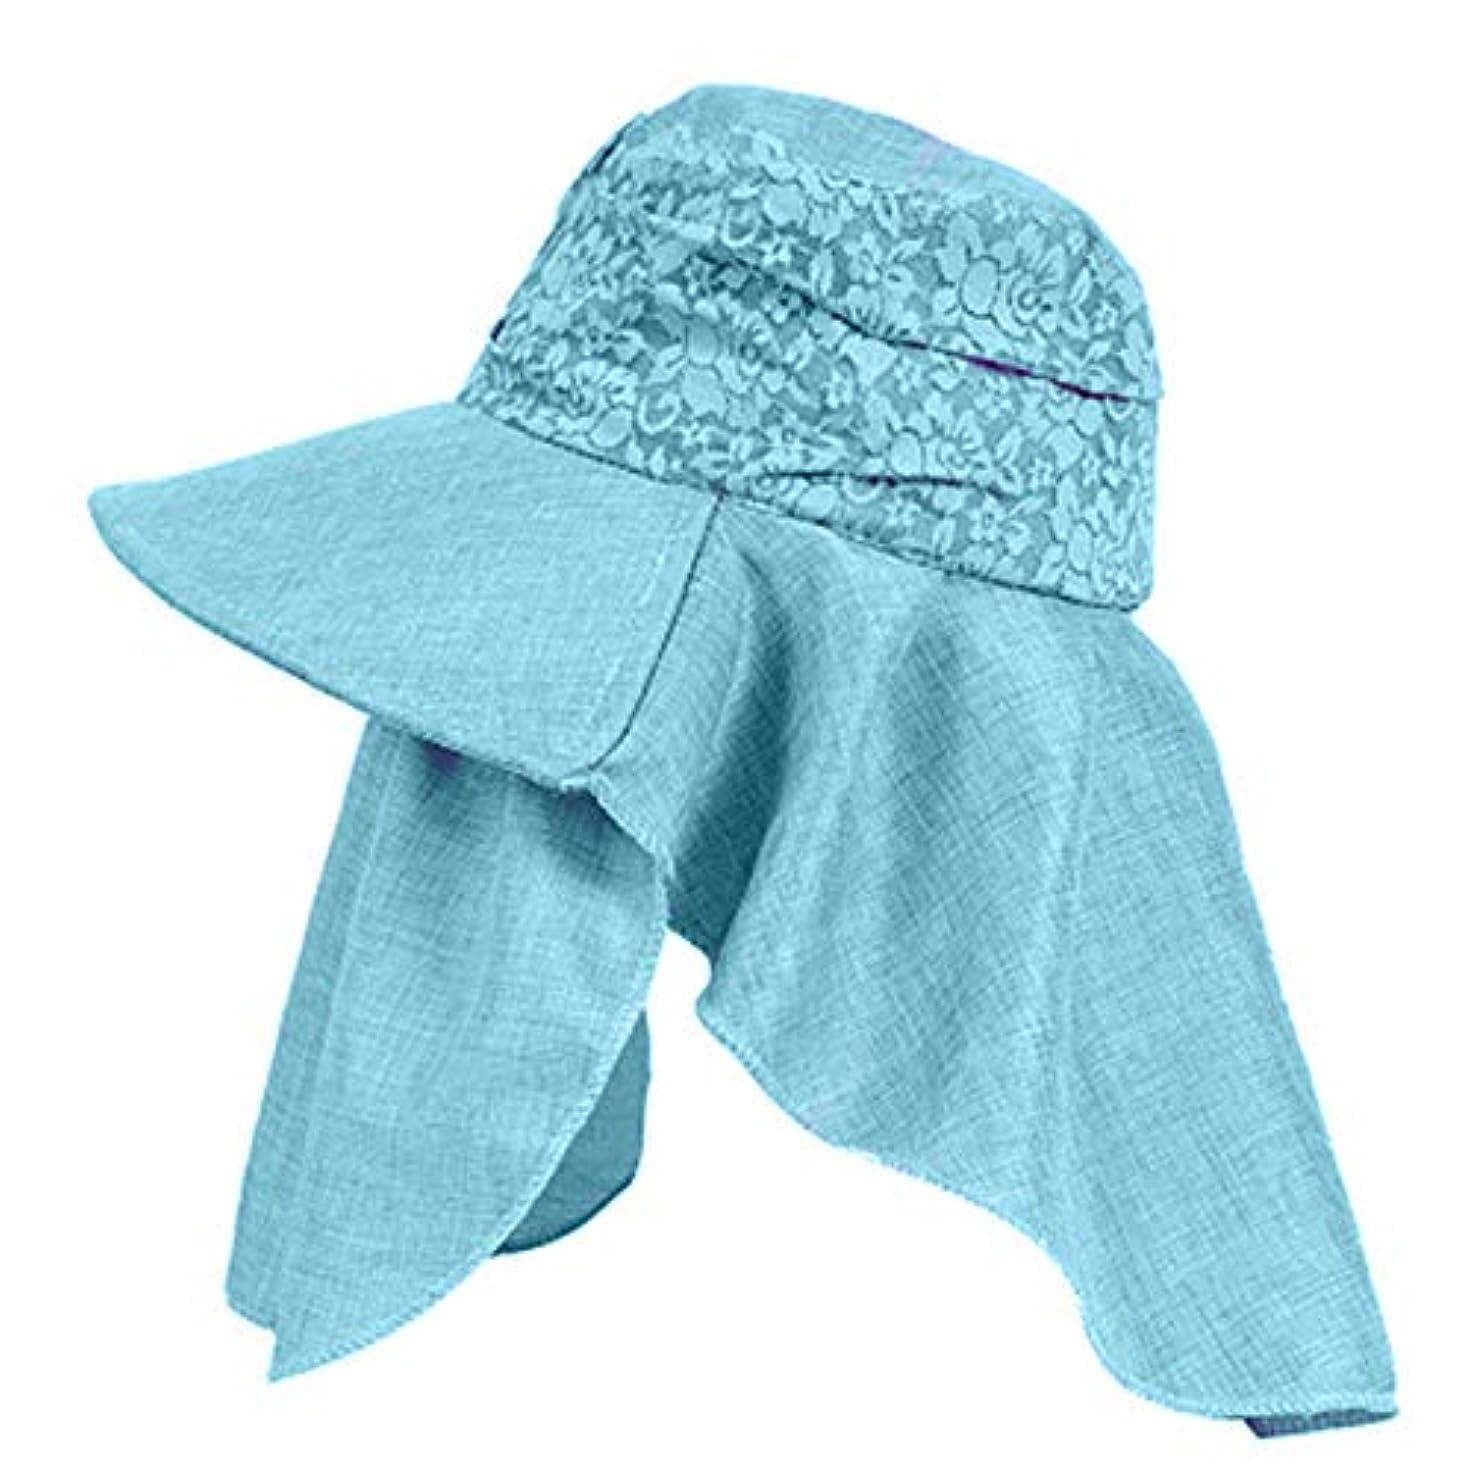 余剰藤色時刻表Merssavo 女性の夏の日曜日の帽子、バイザーカバーの表面の反紫色のライン旅行日曜日の帽子、ガーデニング、ハイキング、旅行、1#